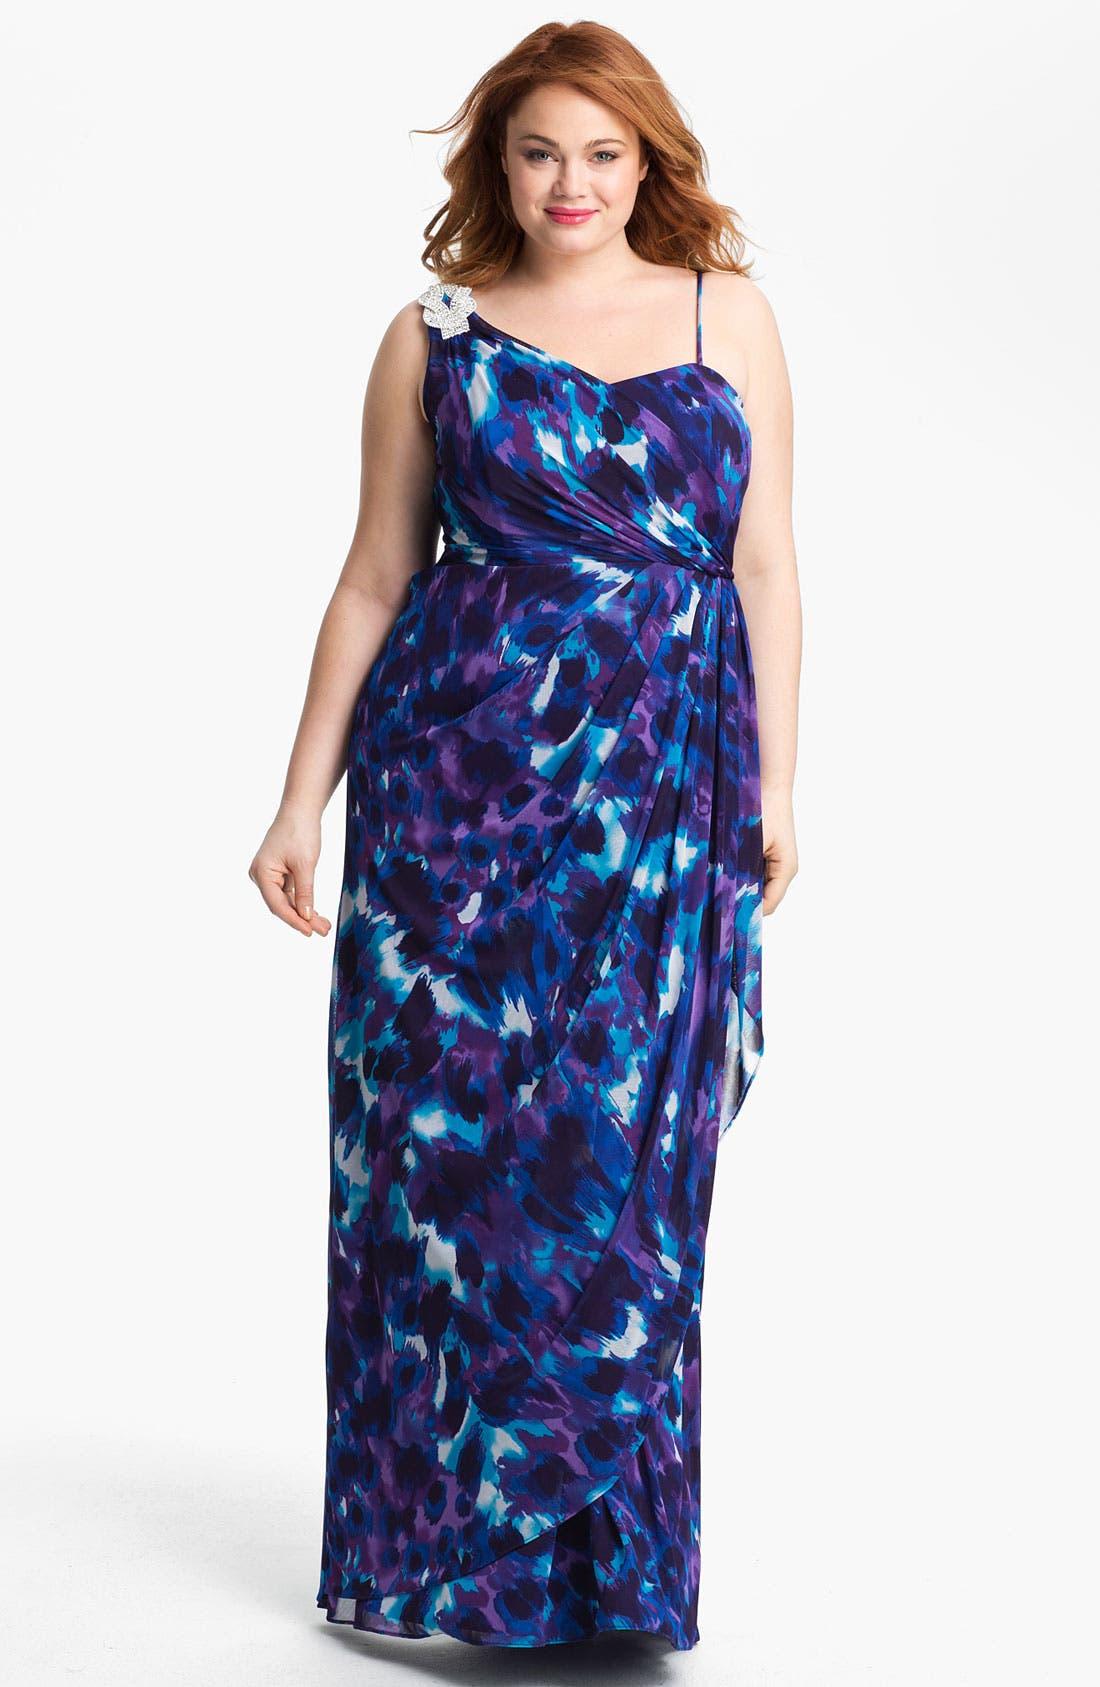 Alternate Image 1 Selected - Xscape Embellished Shoulder Print Mesh Dress (Plus Size) (Online Only)